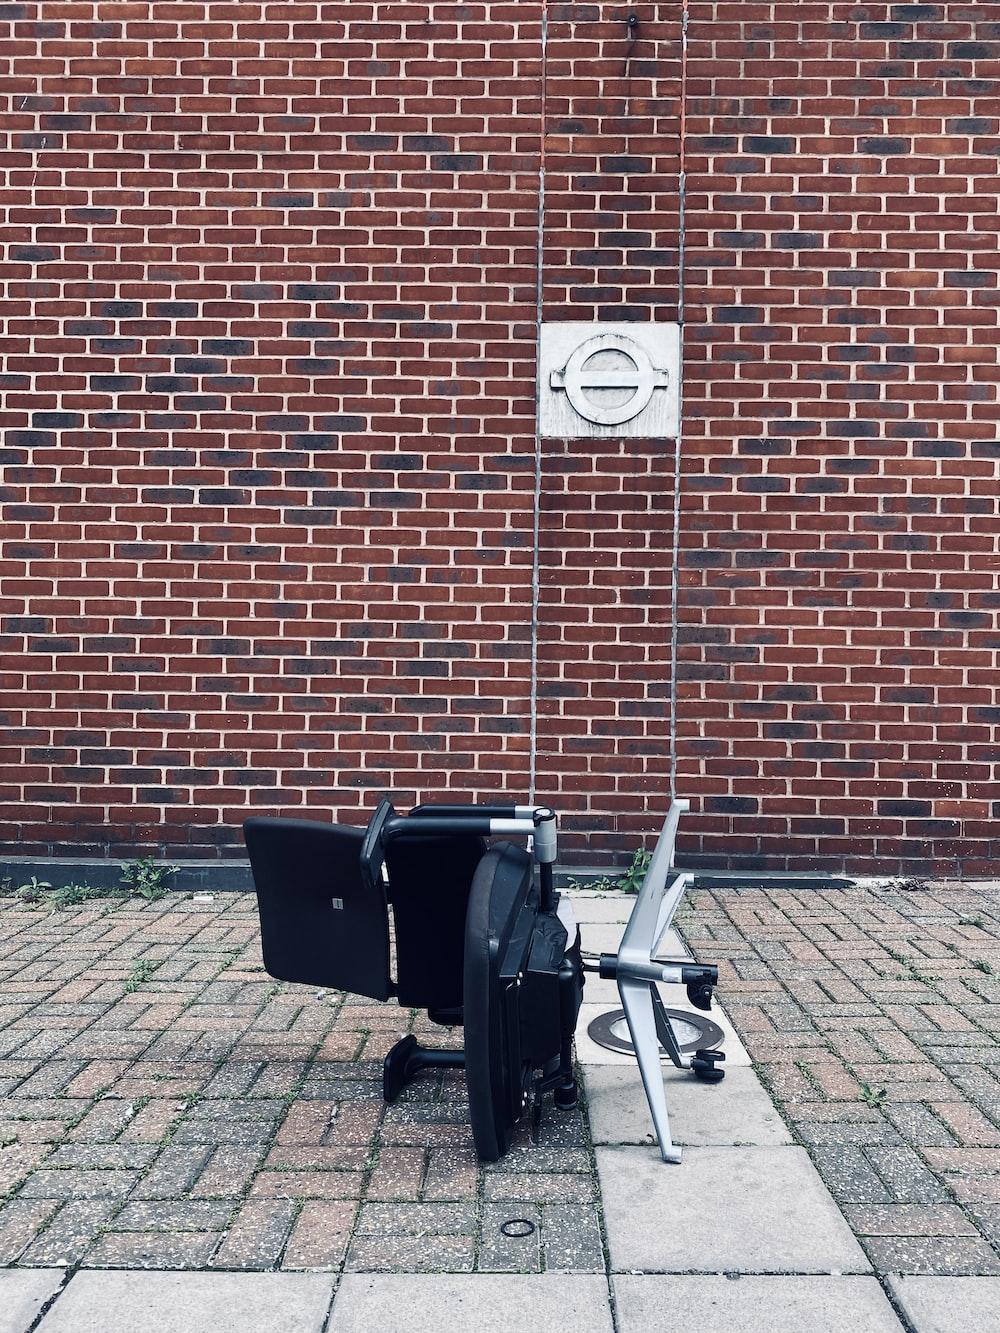 black stroller beside brown brick wall